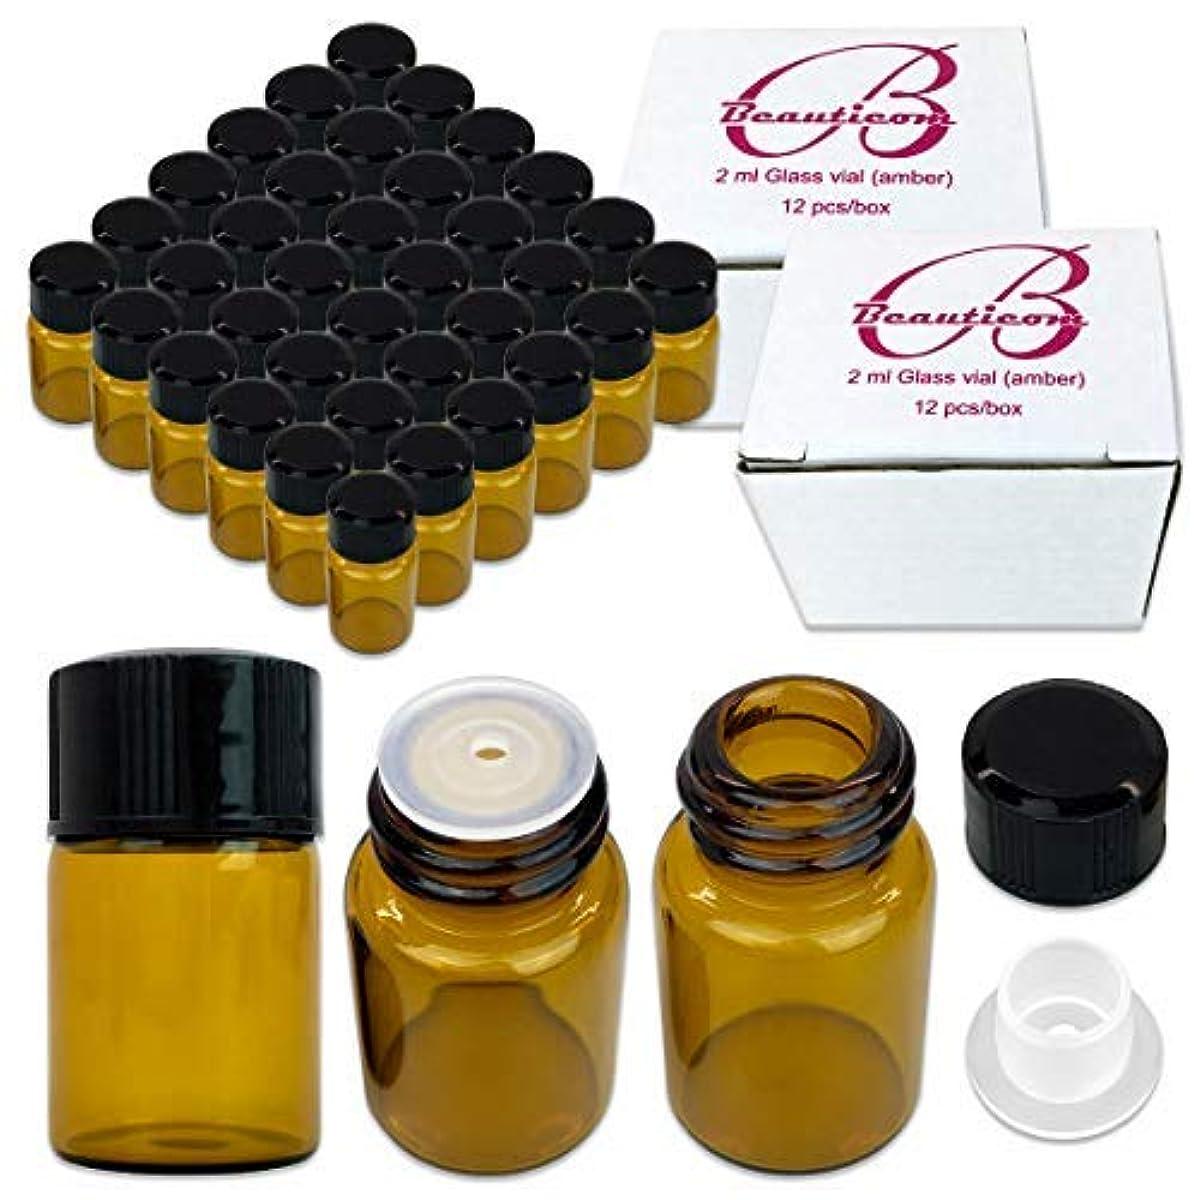 アニメーションパン屋ライン72 Packs Beauticom 2ML Amber Glass Vial for Essential Oils, Aromatherapy, Fragrance, Serums, Spritzes, with Orifice...